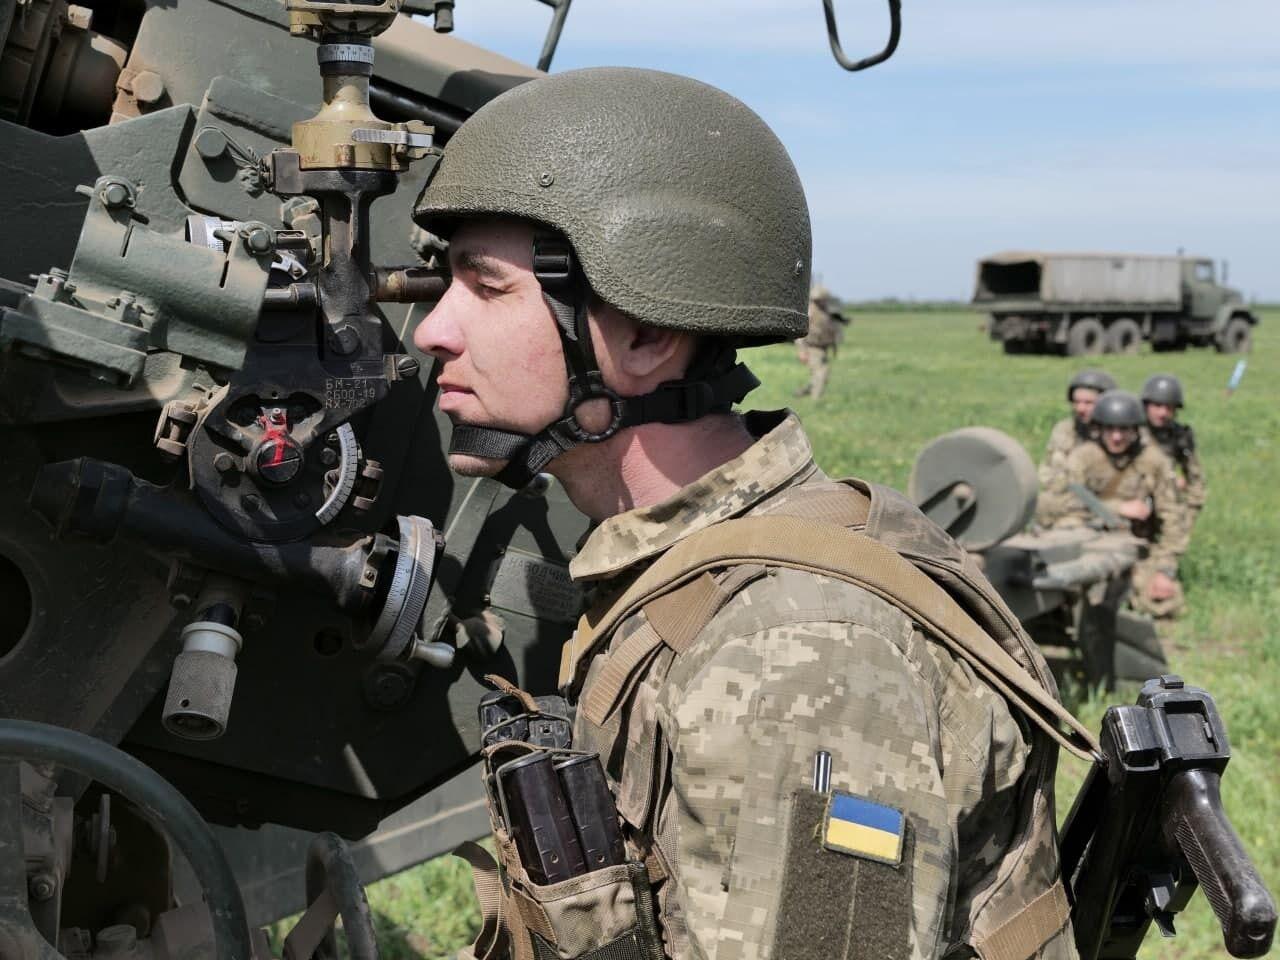 Артилерійська розвідка ЗСУ здійснювала передачу координат на батарею, що стріляє